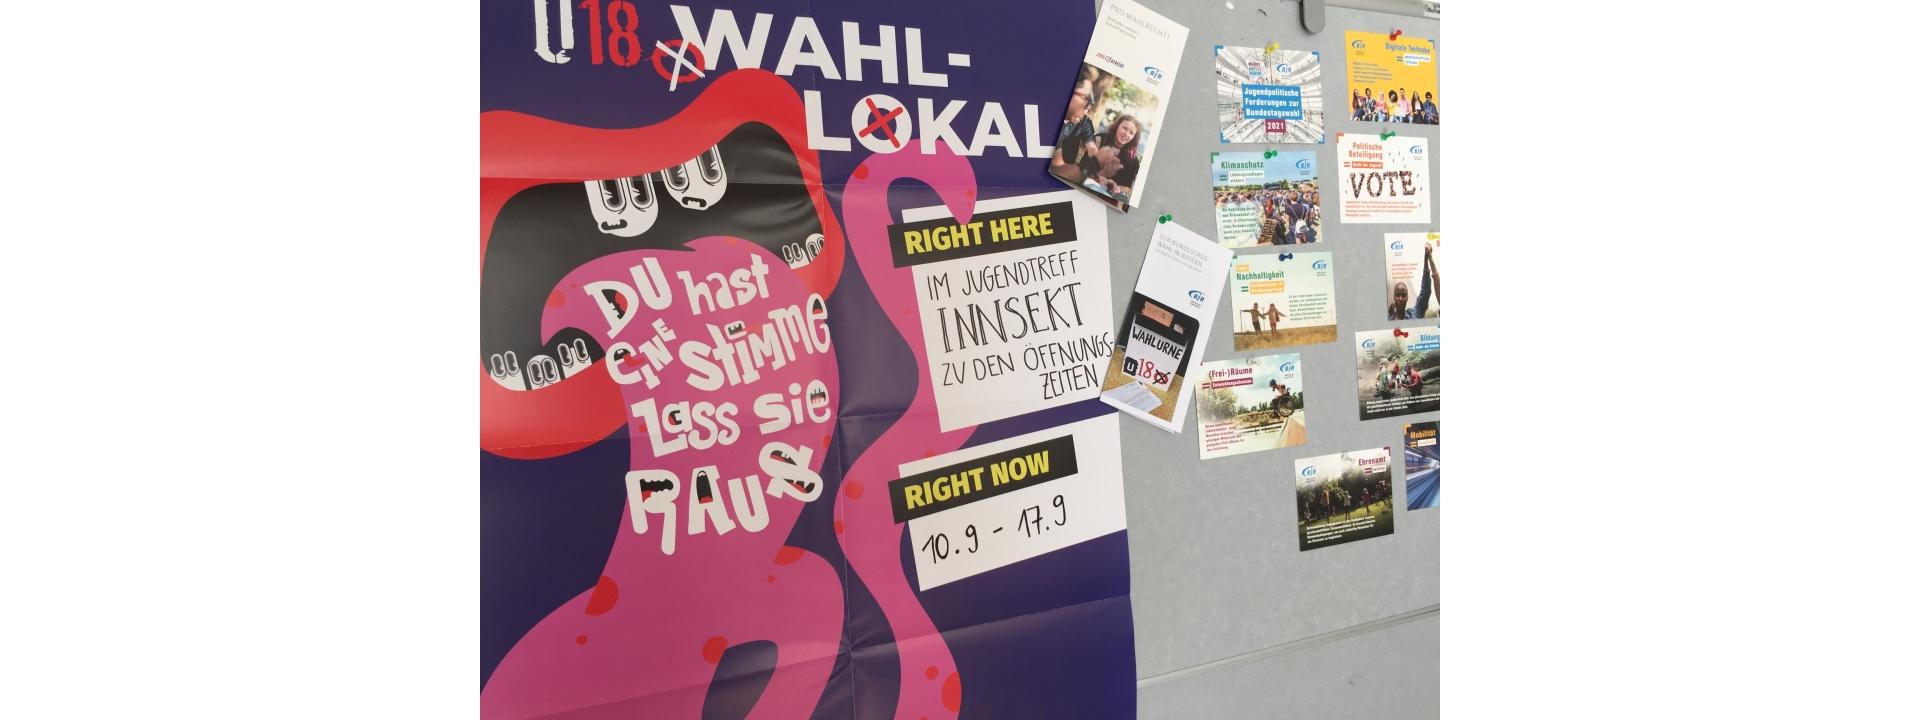 Foto: Auf einer Wand hängt ein Plakat zur U-18 Wahl mit dem Spruch: Du hast eine Stimme. Lass sie raus!